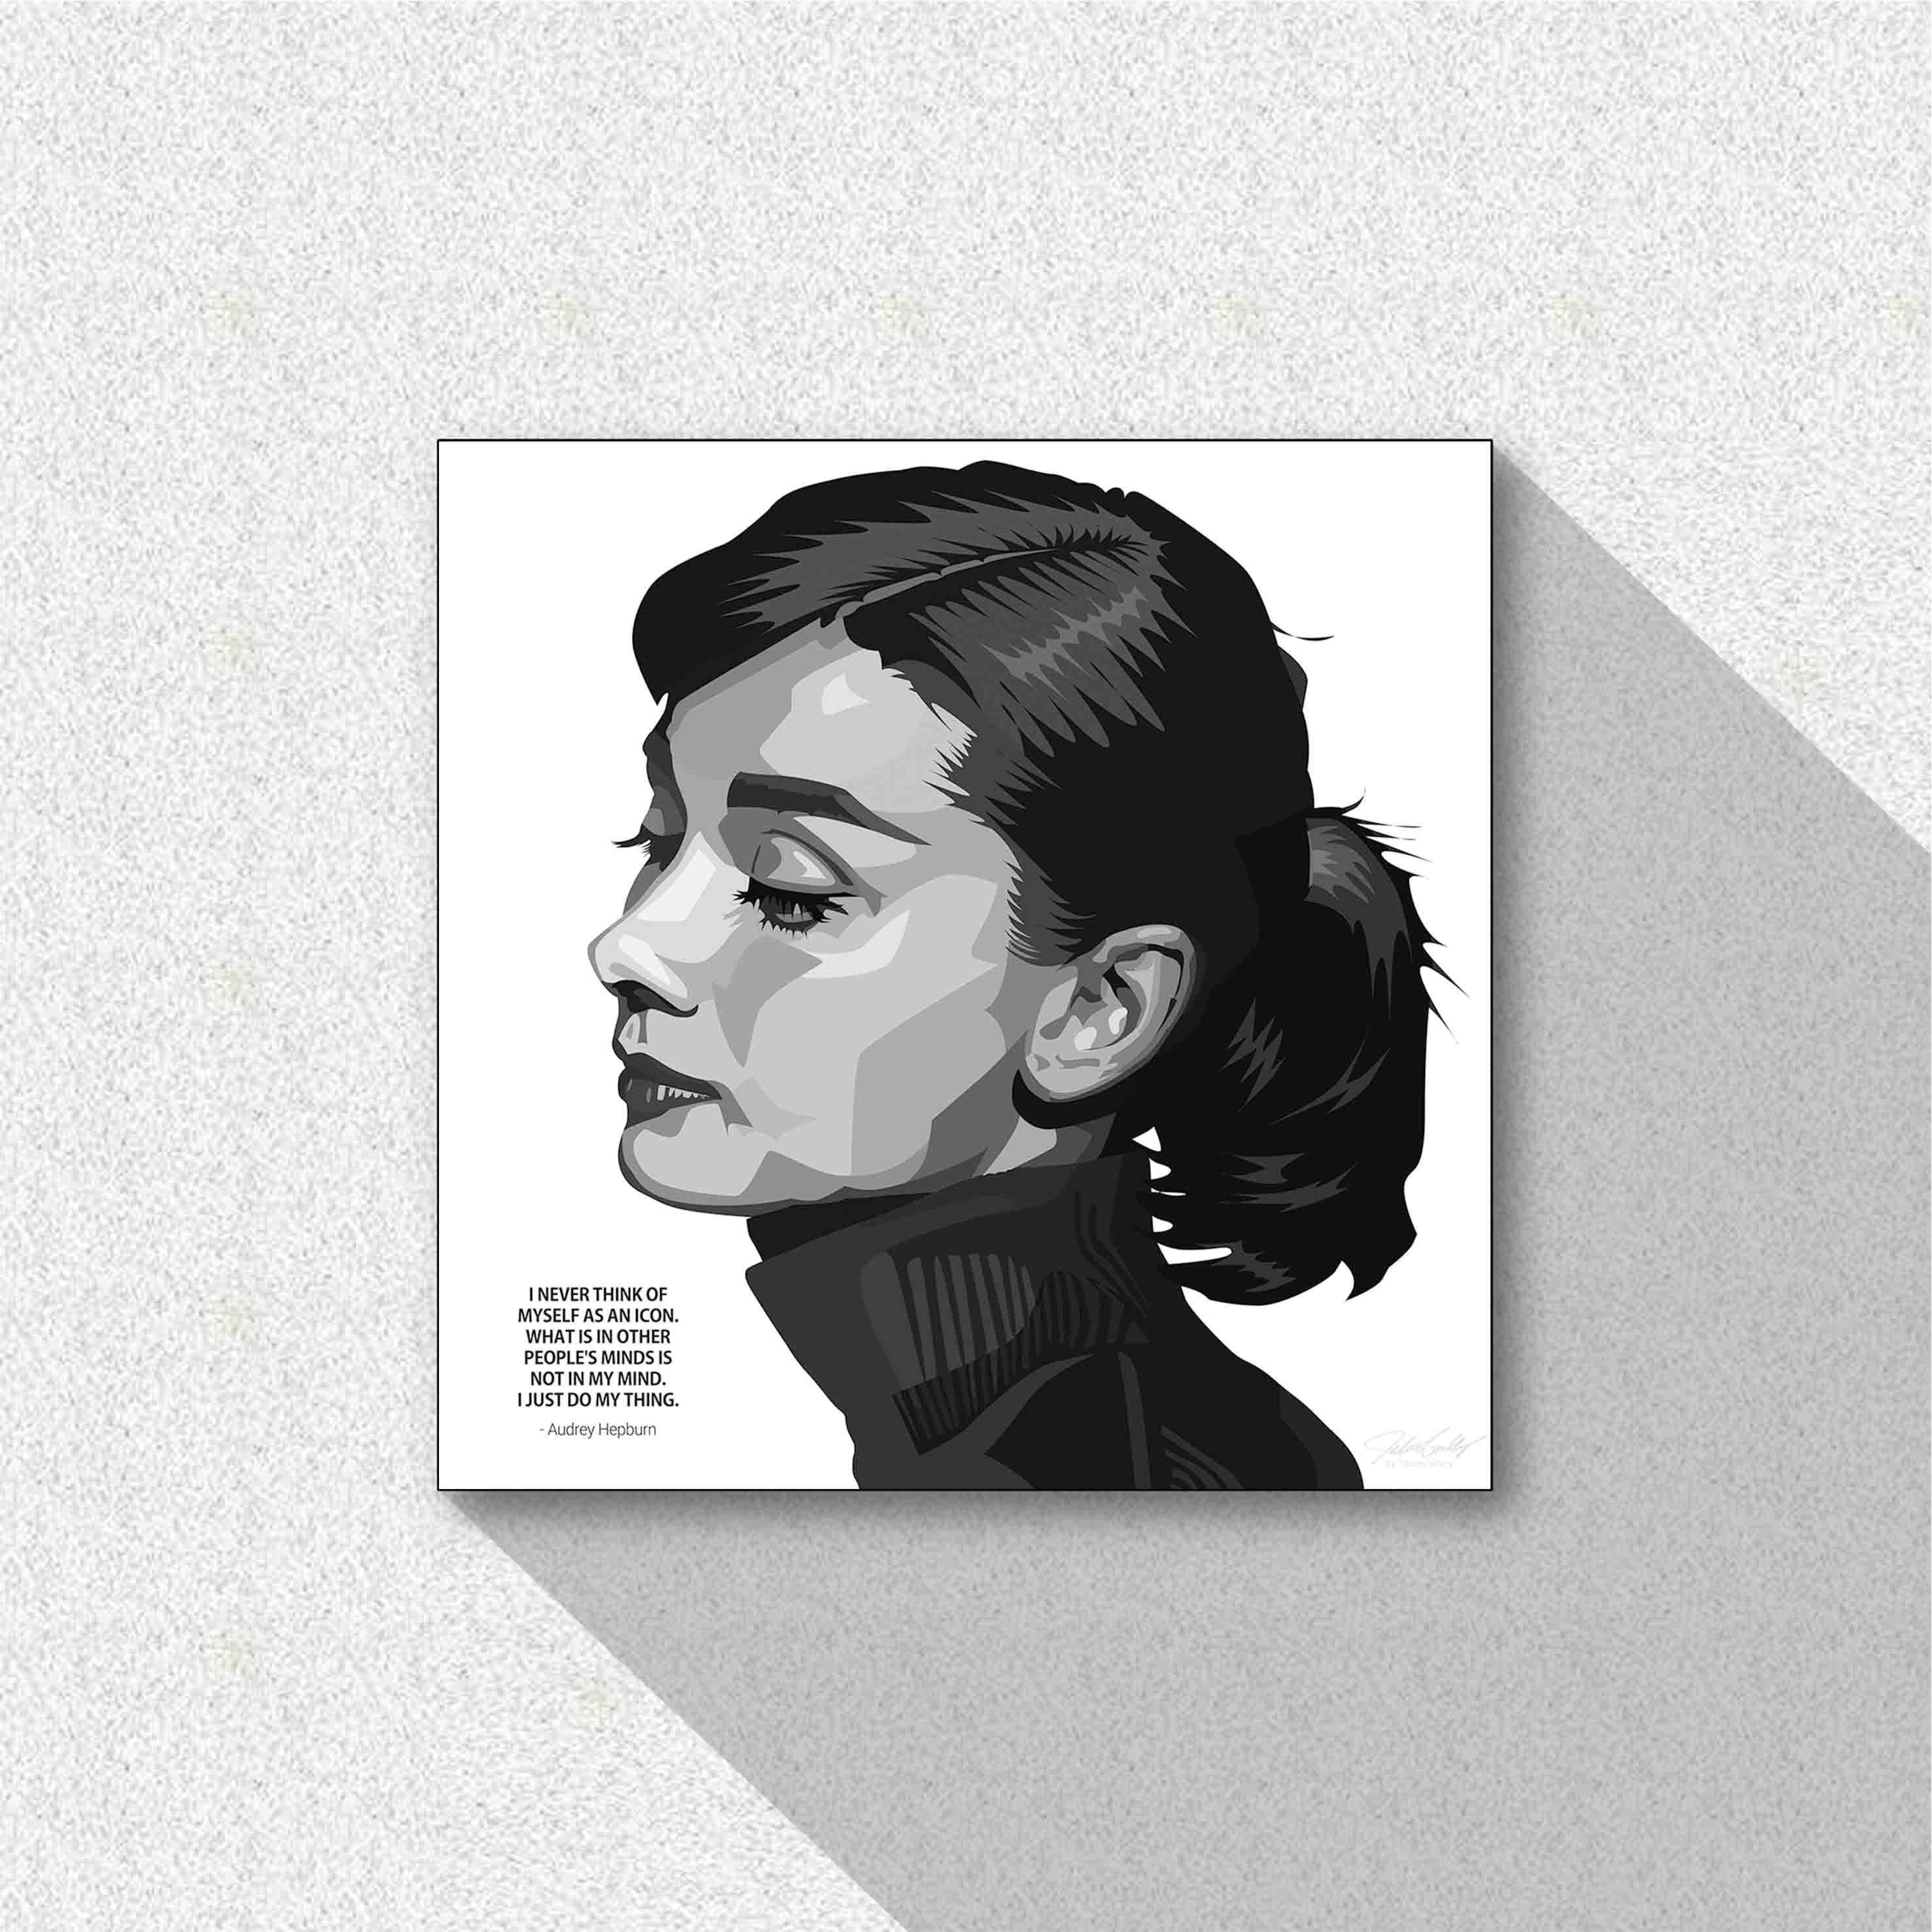 셀럽 팝아트 명언 액자 - 오드리 햅번 (100 cm) - 타이탄갤러리, 285,000원, 홈갤러리, 팝아트